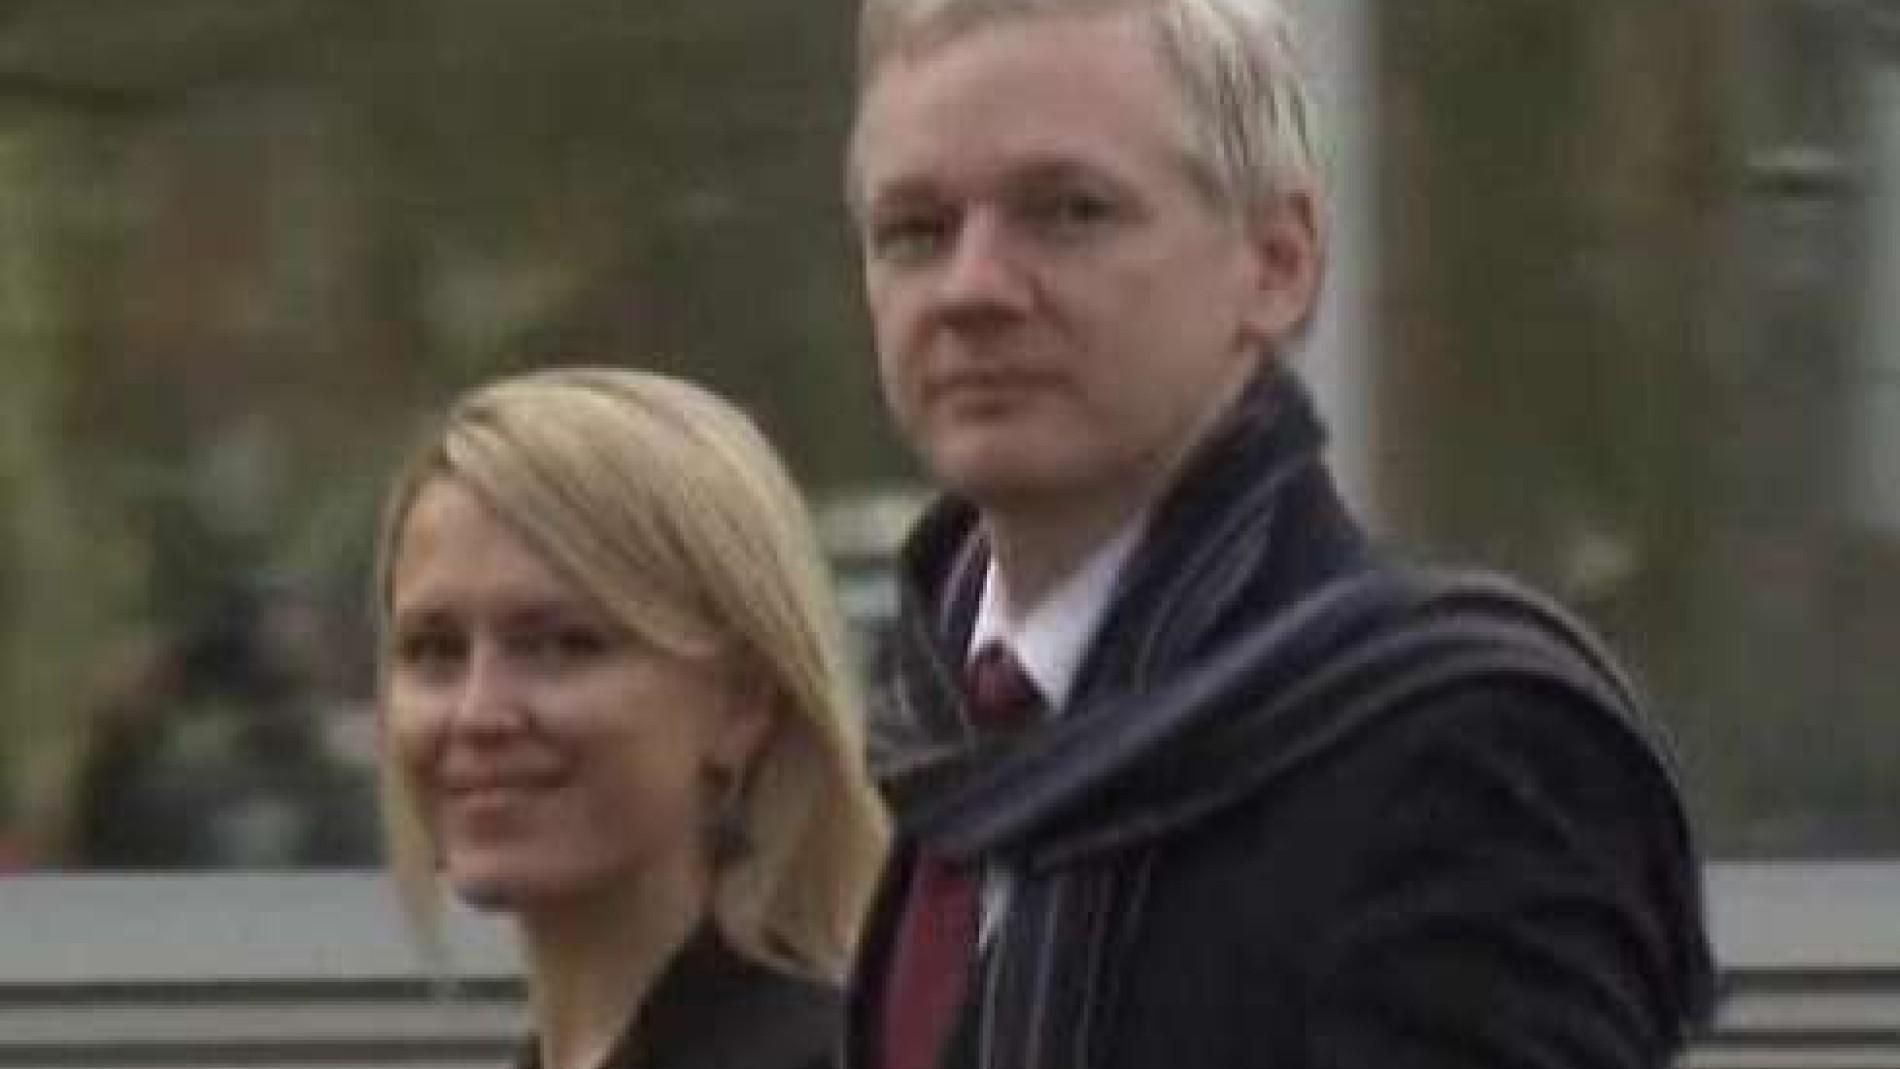 Vergewaltigungsvorwürfe Assange Darf An Schweden Ausgeliefert